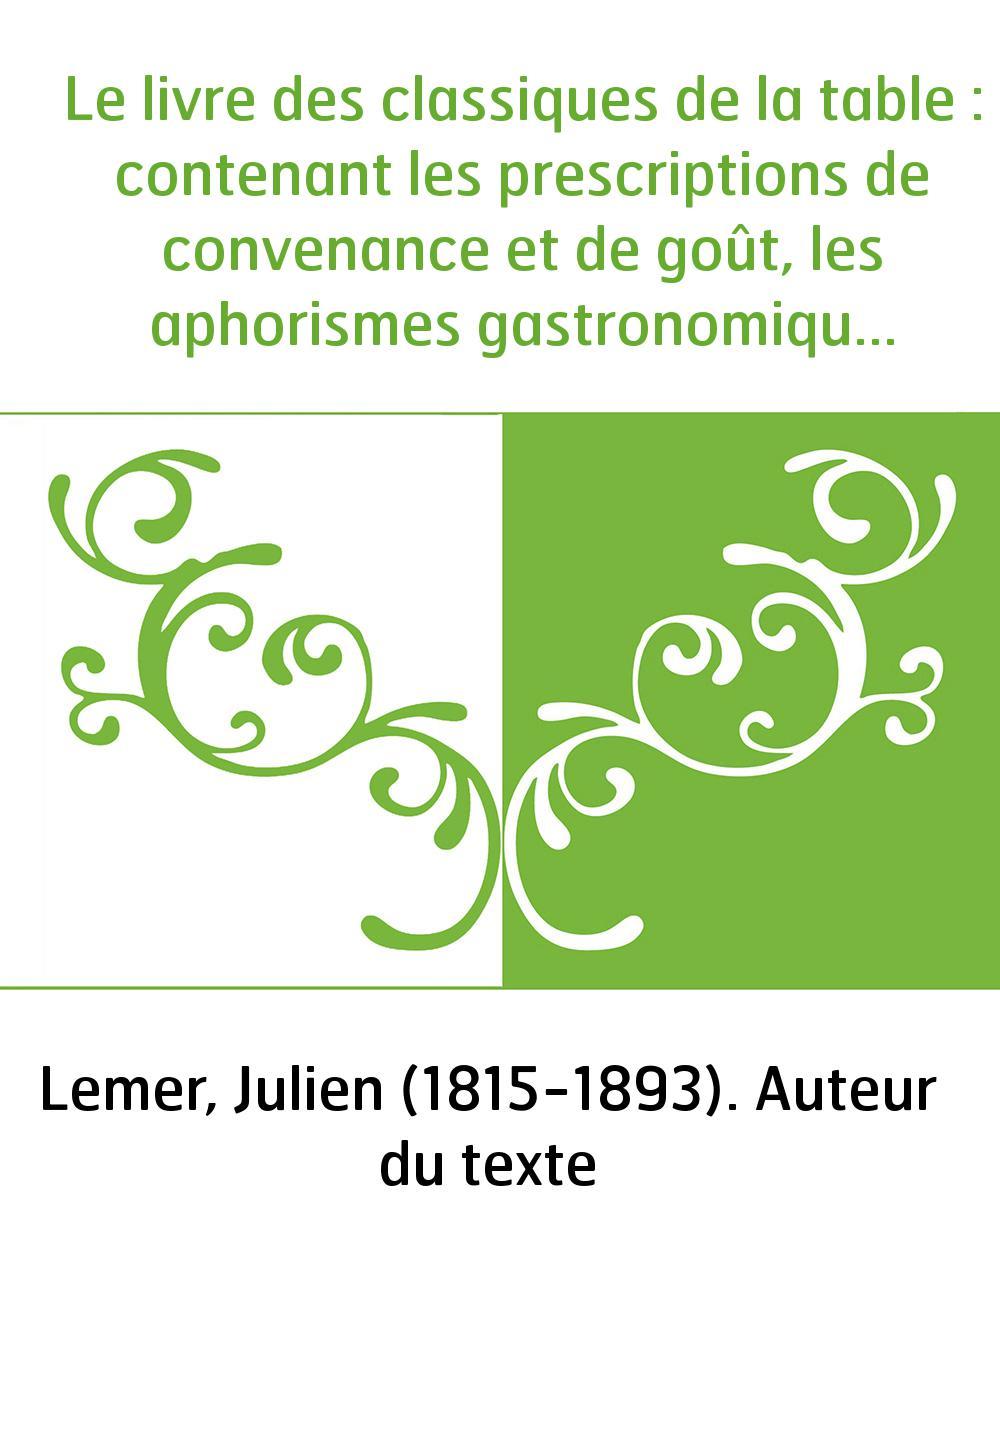 Le livre des classiques de la table : contenant les prescriptions de convenance et de goût, les aphorismes gastronomiques, les i